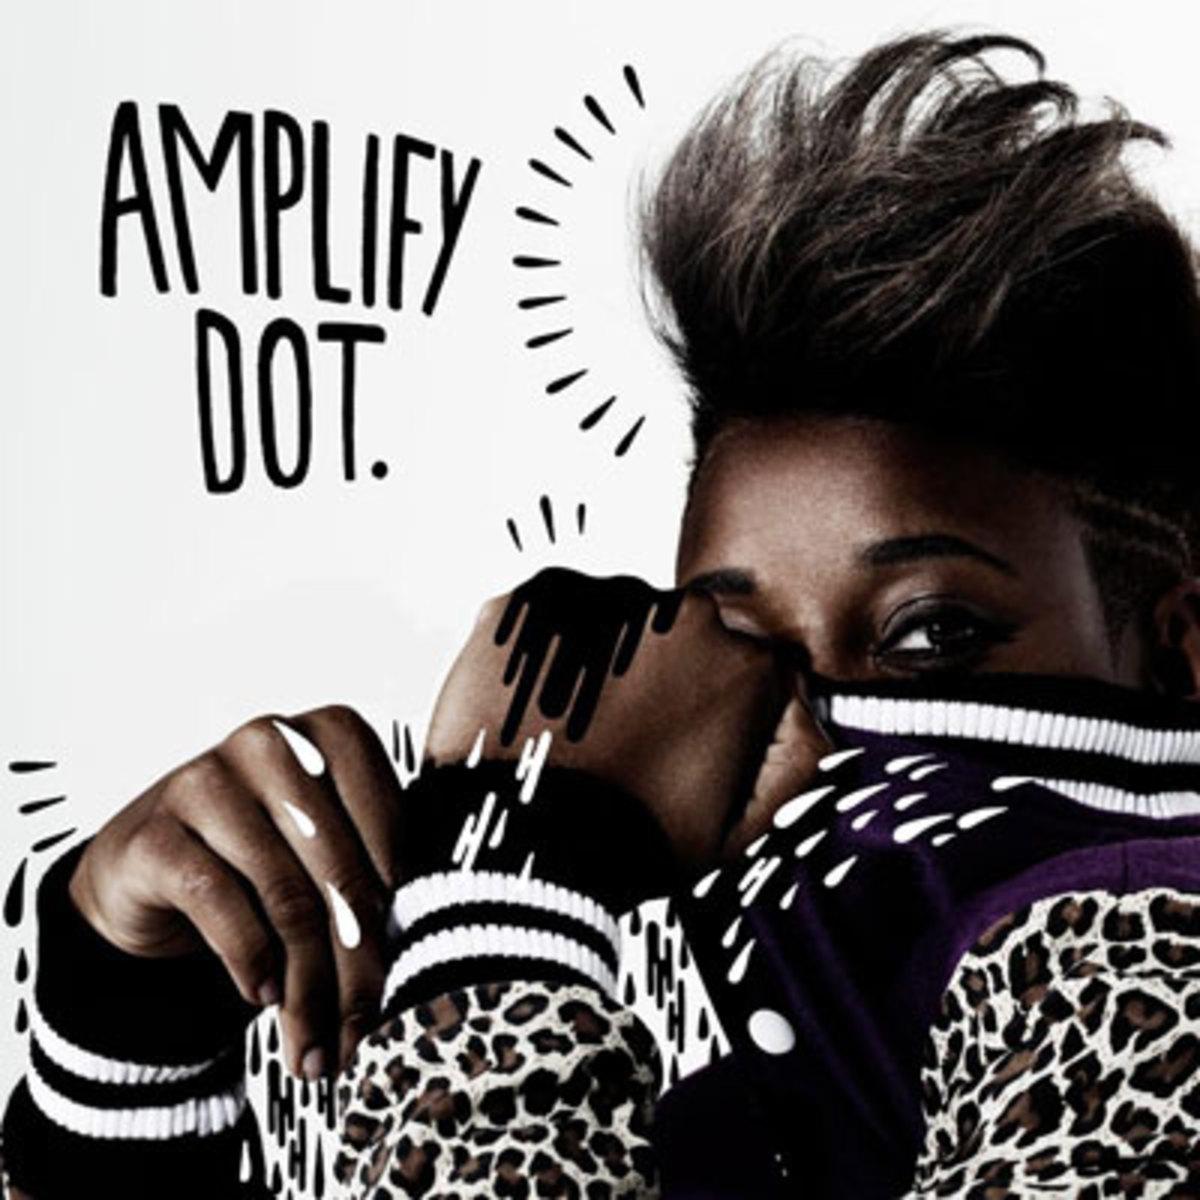 amplifydot.jpg